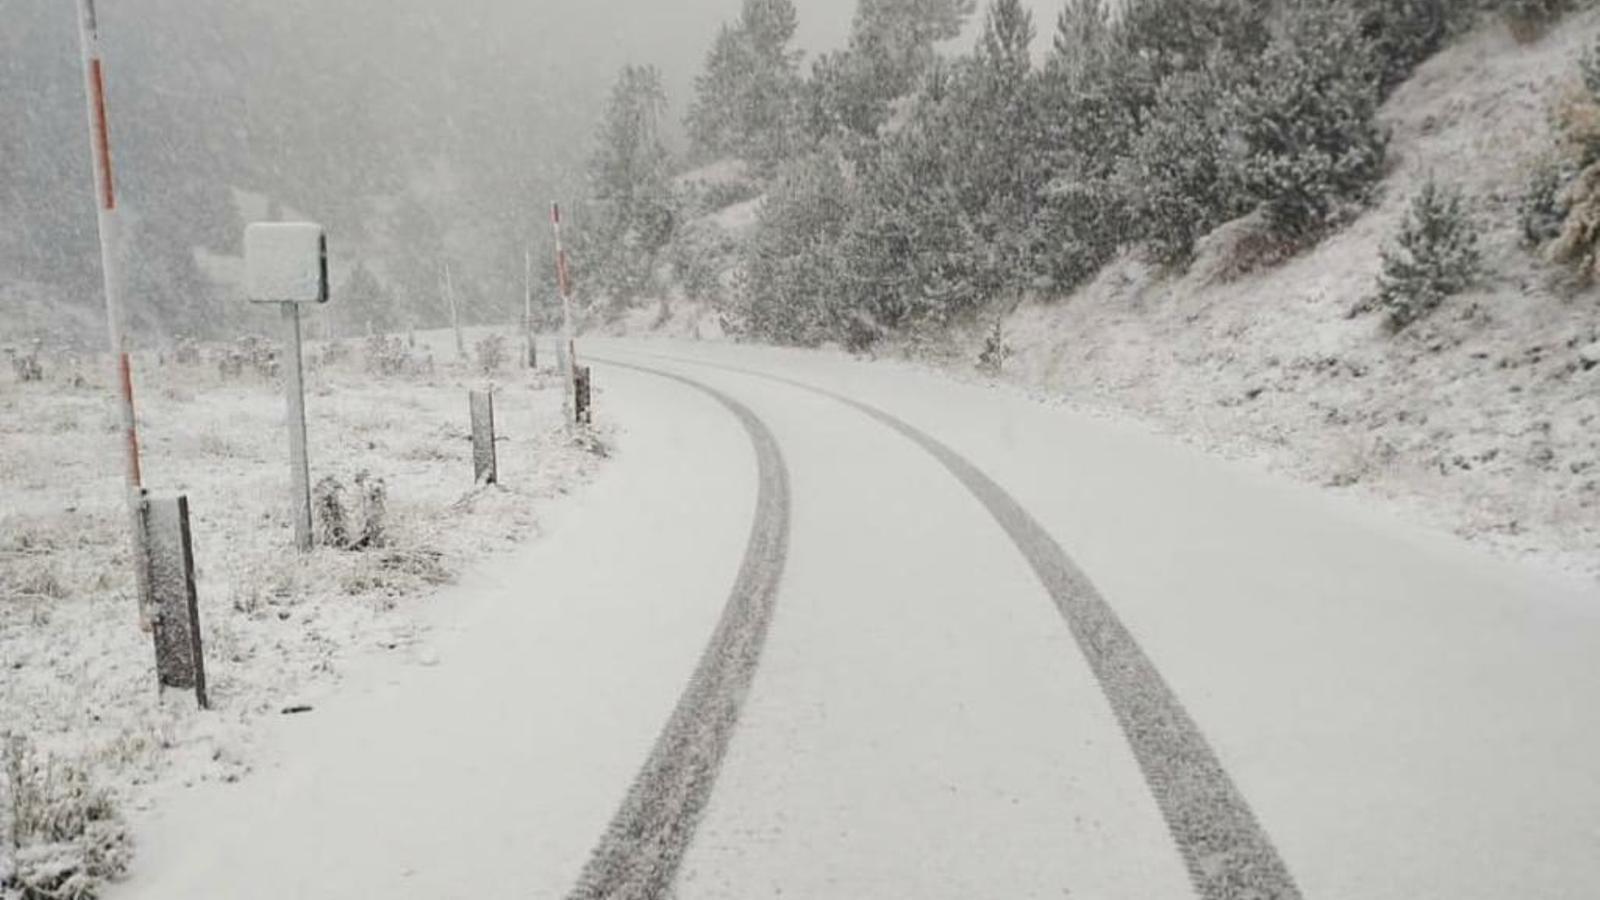 Un dels trams cobert per la neu, de la xarxa viària andorrana. / MOBILITAT